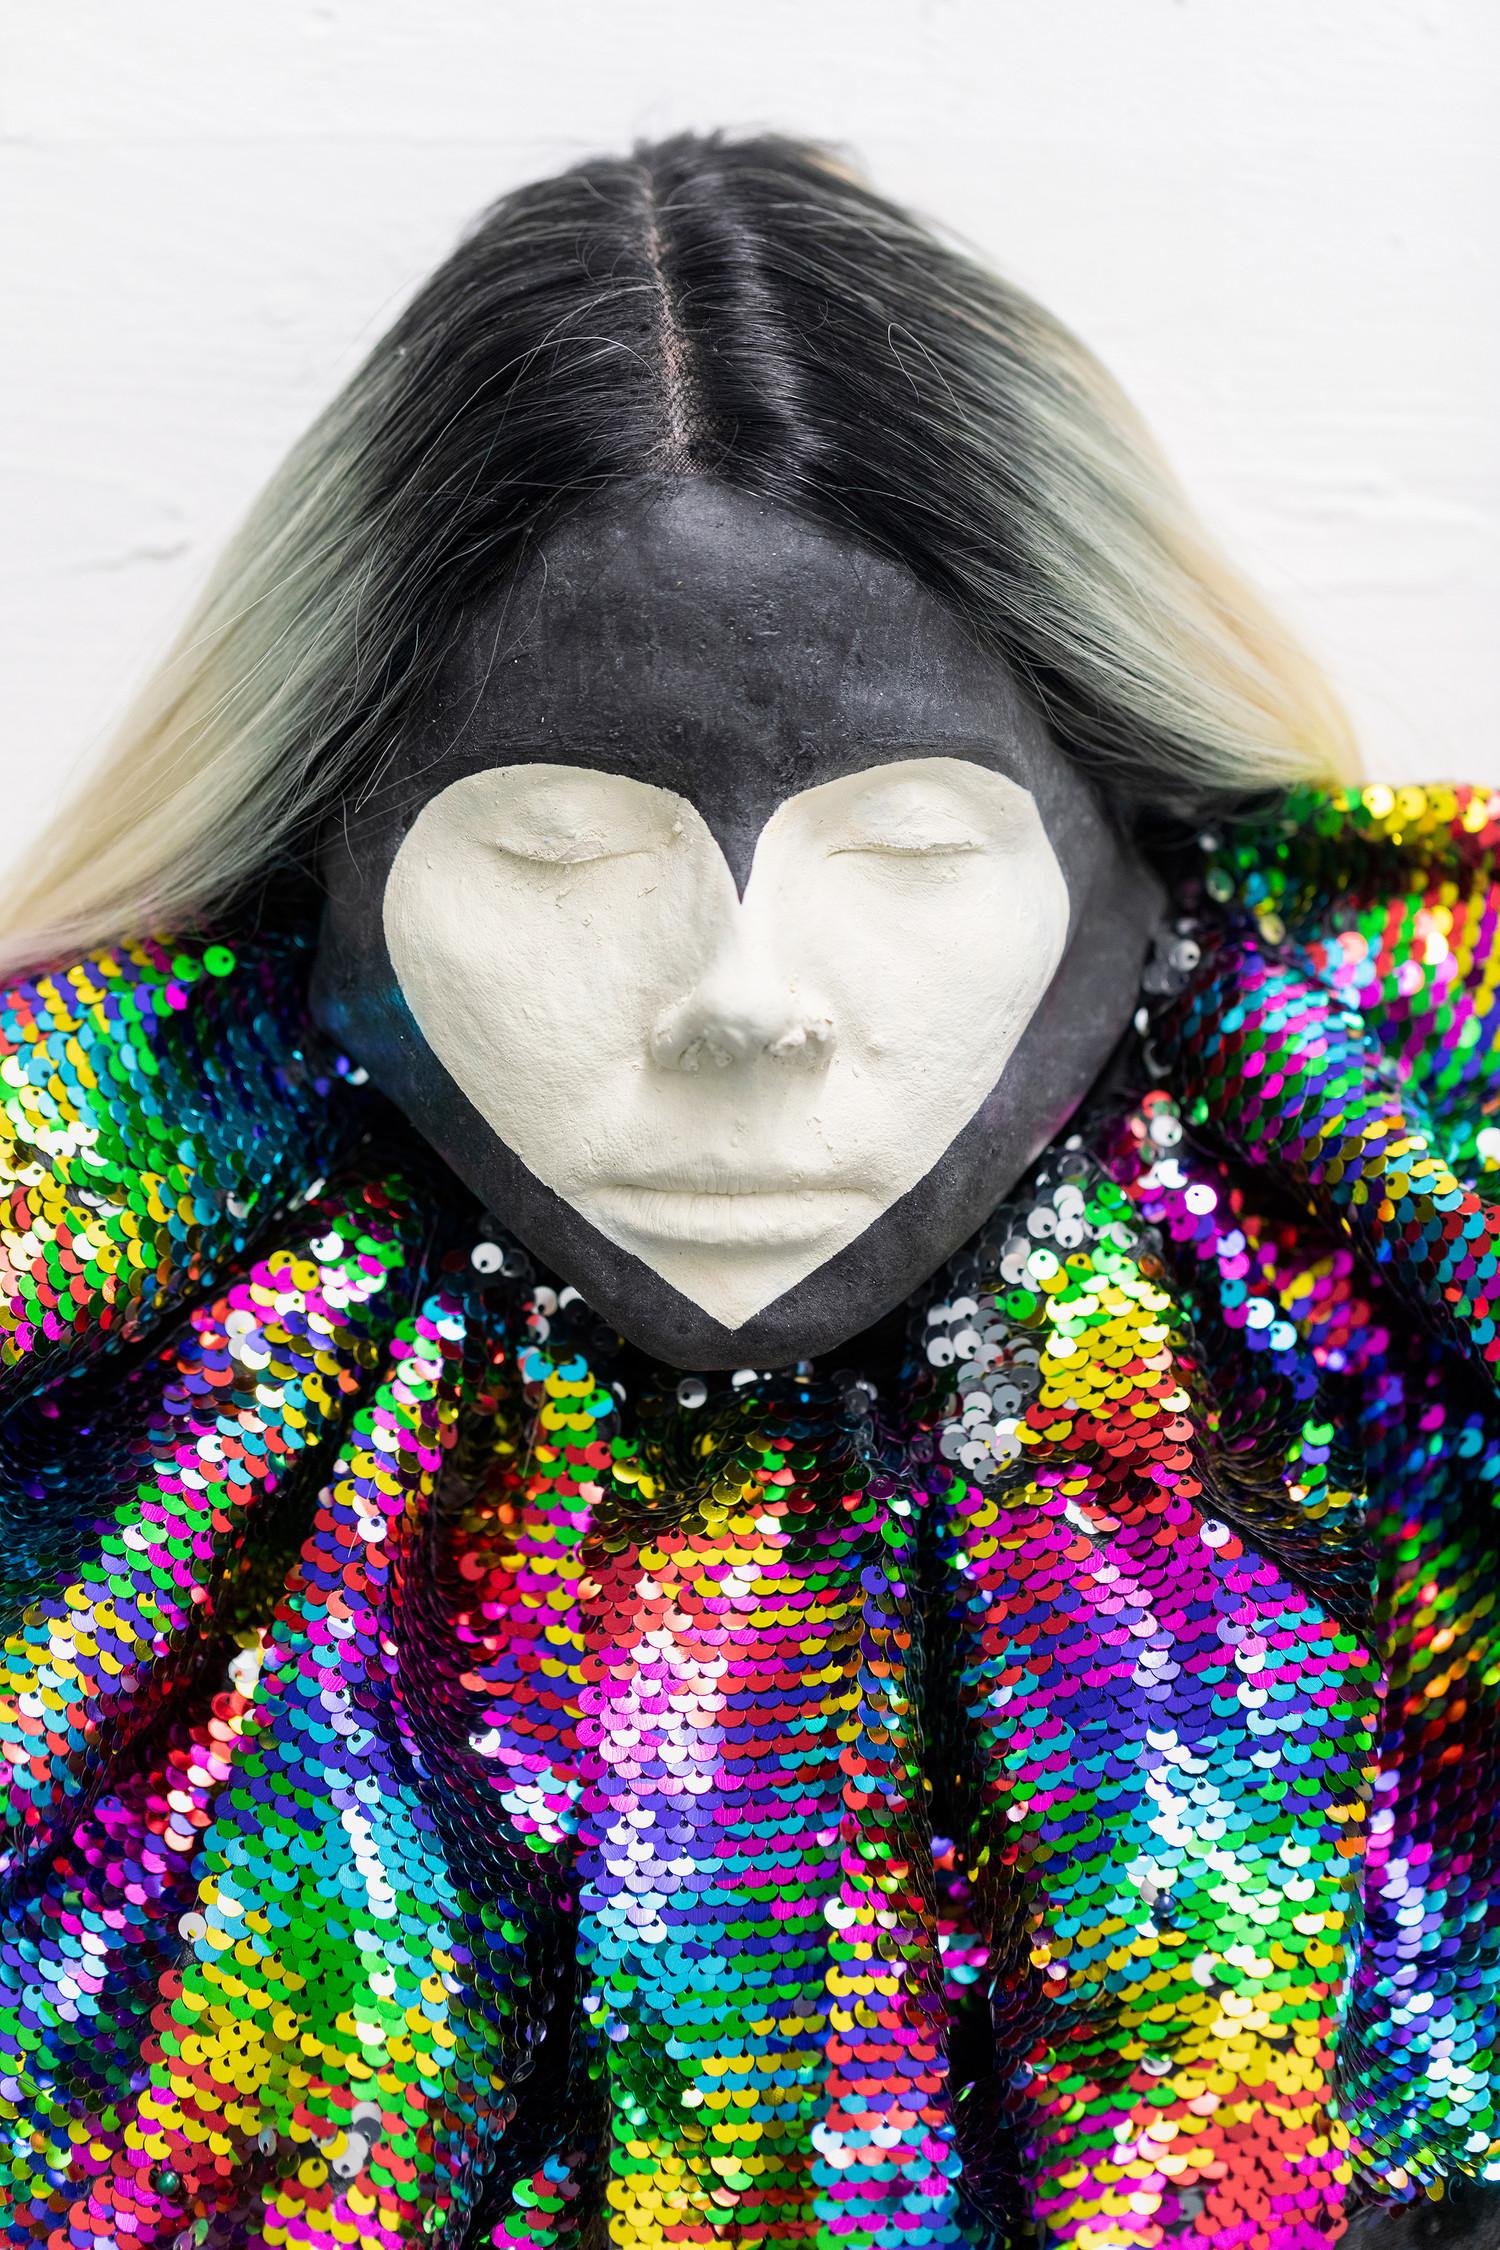 Clown (detail), 2020 — © Manon Wertenbroek